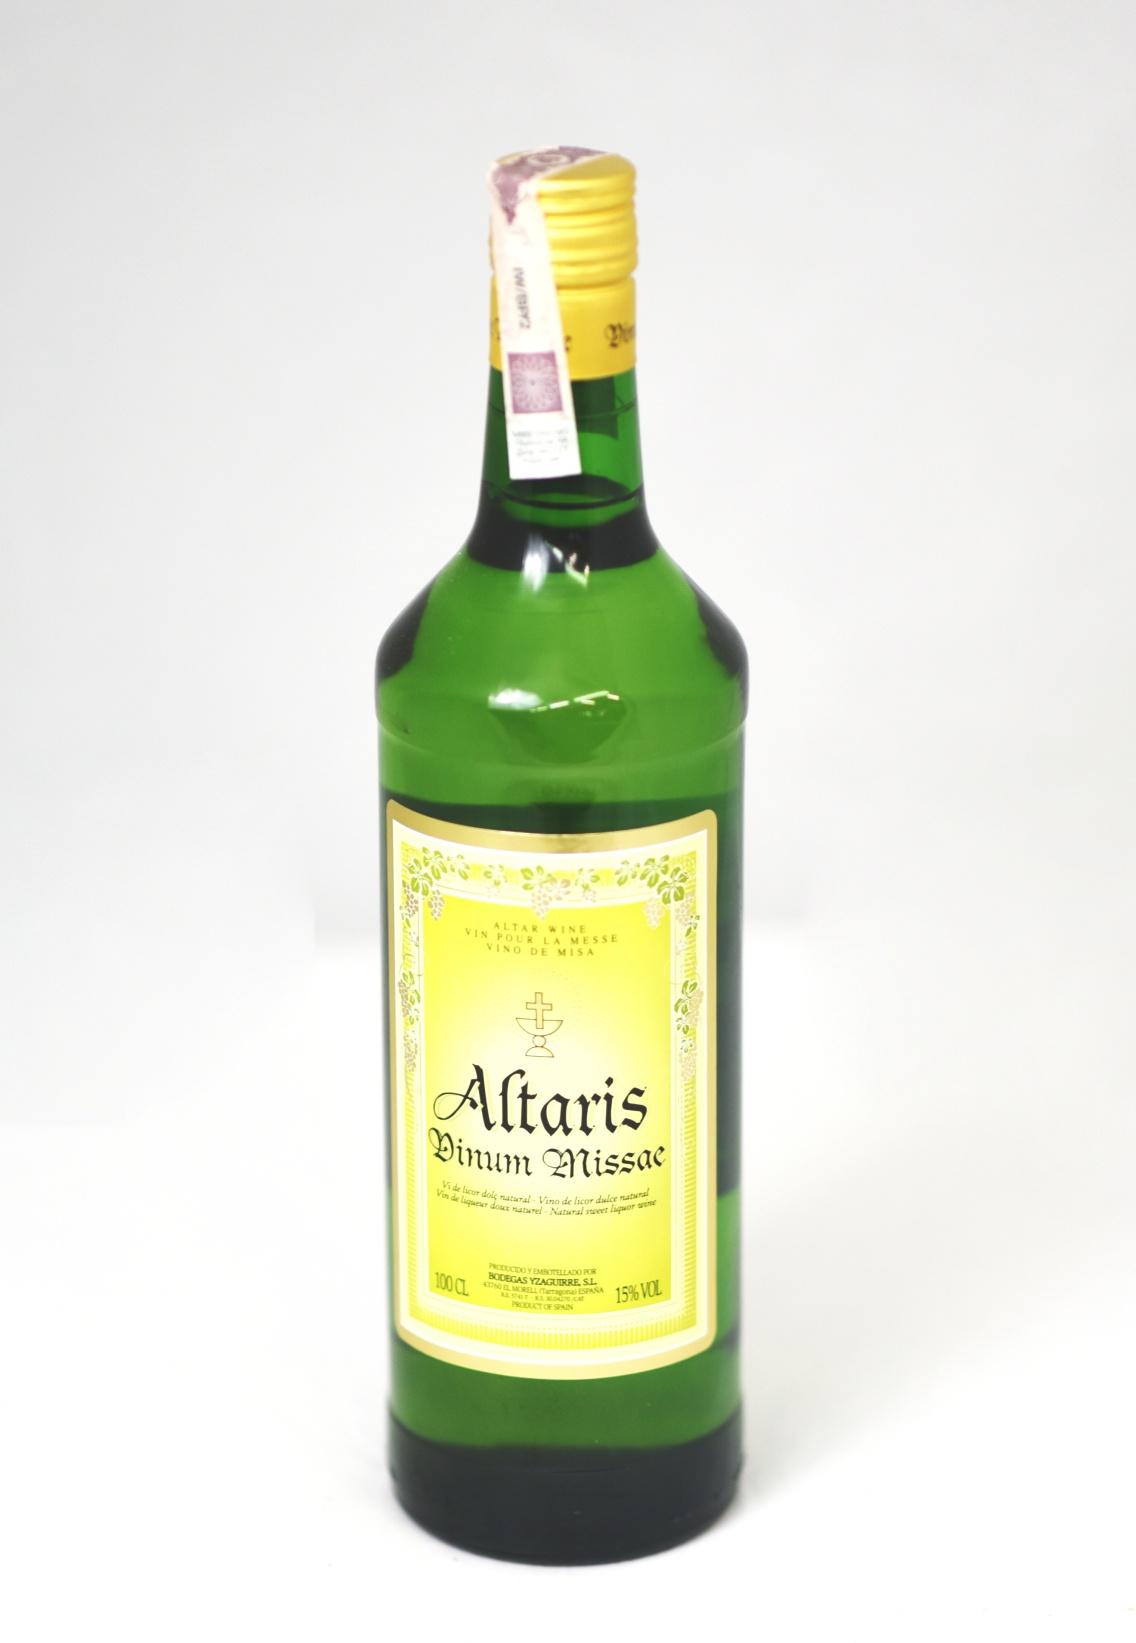 Wino Altaris (b. likierowe sł.)